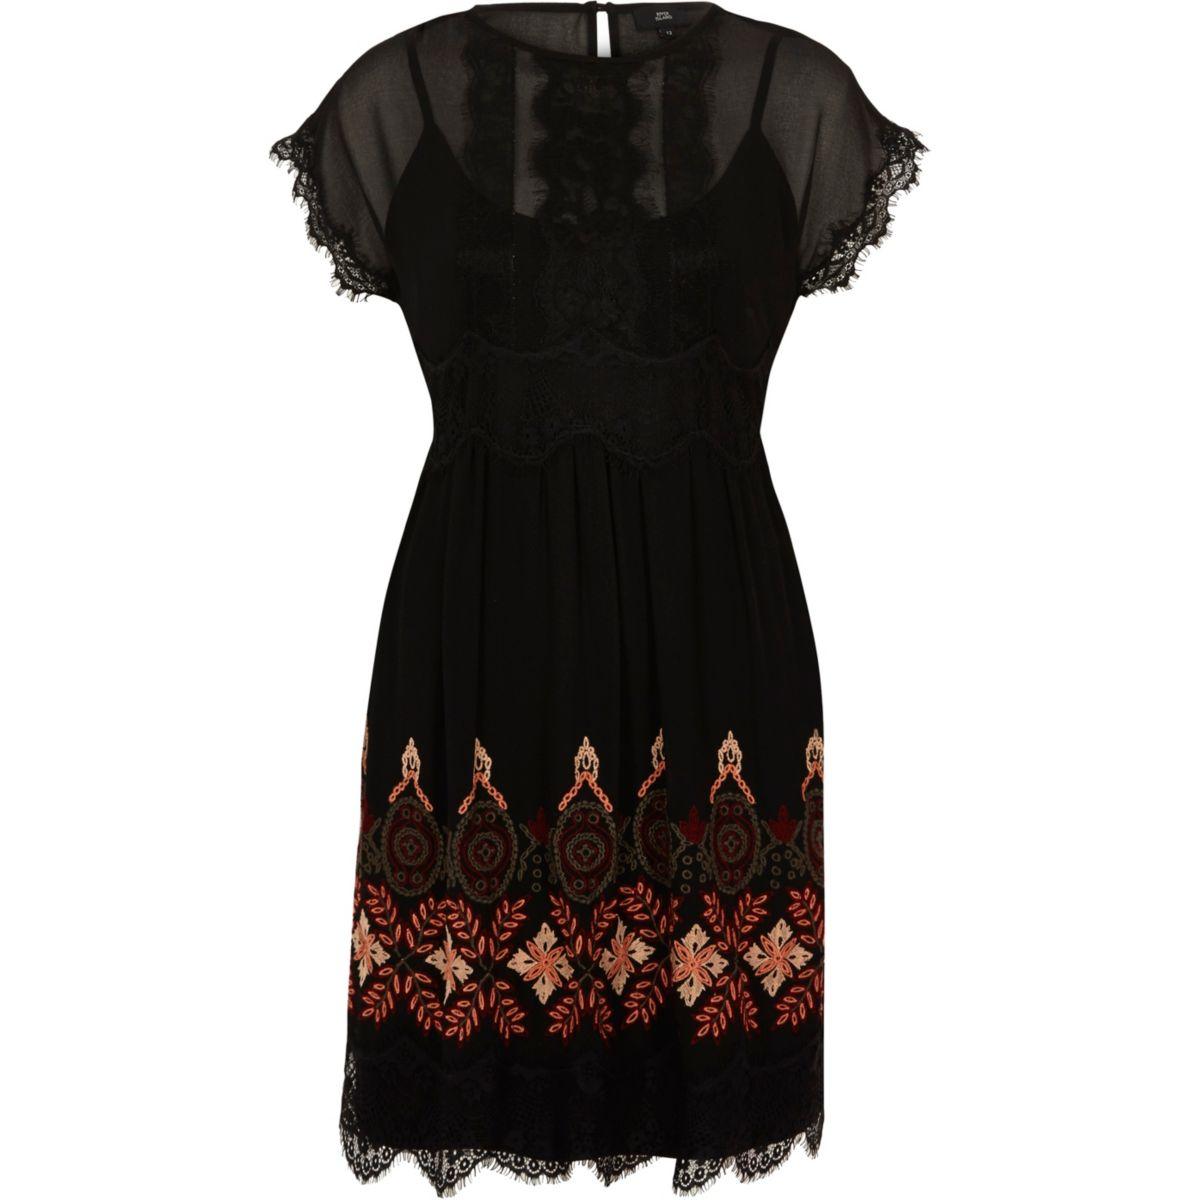 Schwarzes Swing-Kleid mit Verzierung